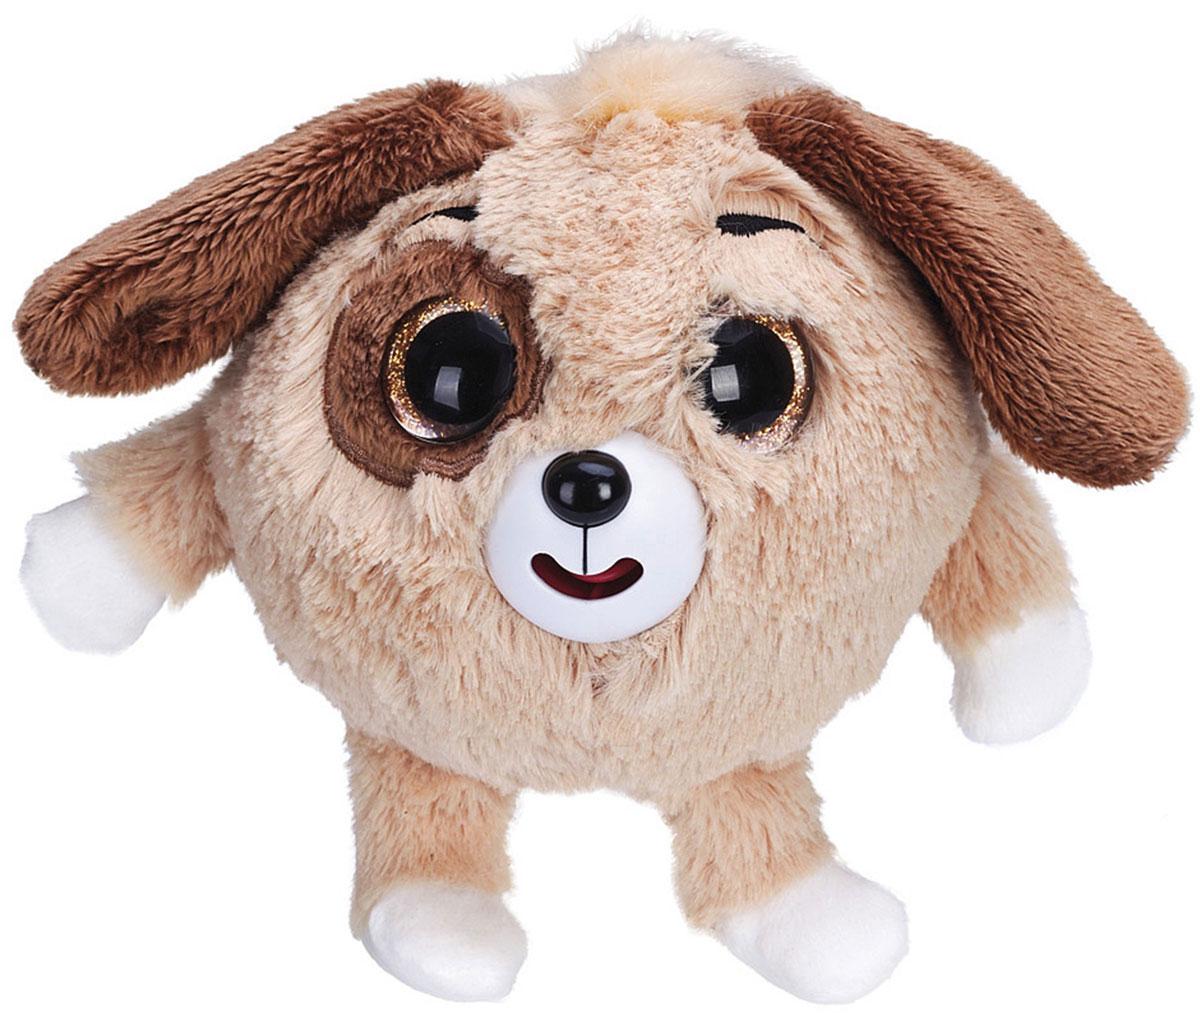 1TOY Мягкая озвученная игрушка Дразнюка-Zooка Собачка цвет коричневый 13 см малышарики мягкая игрушка собака бассет хаунд 23 см